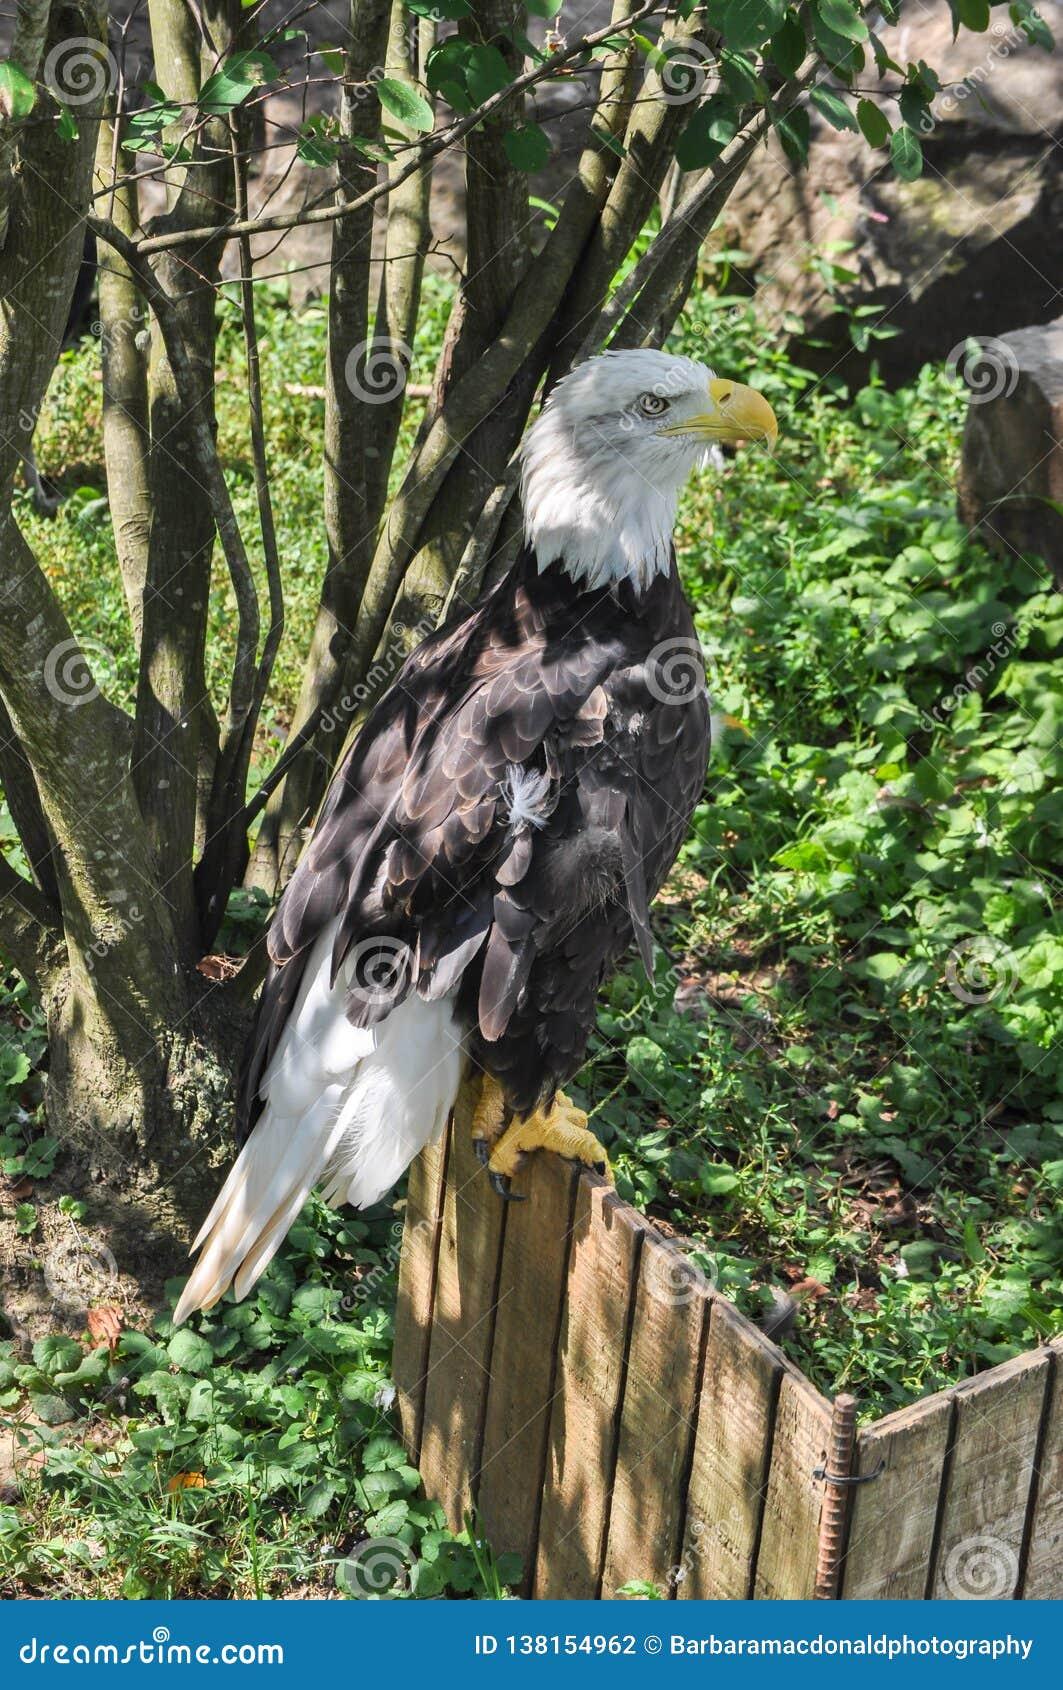 Kaal Eagle Profile Full Length